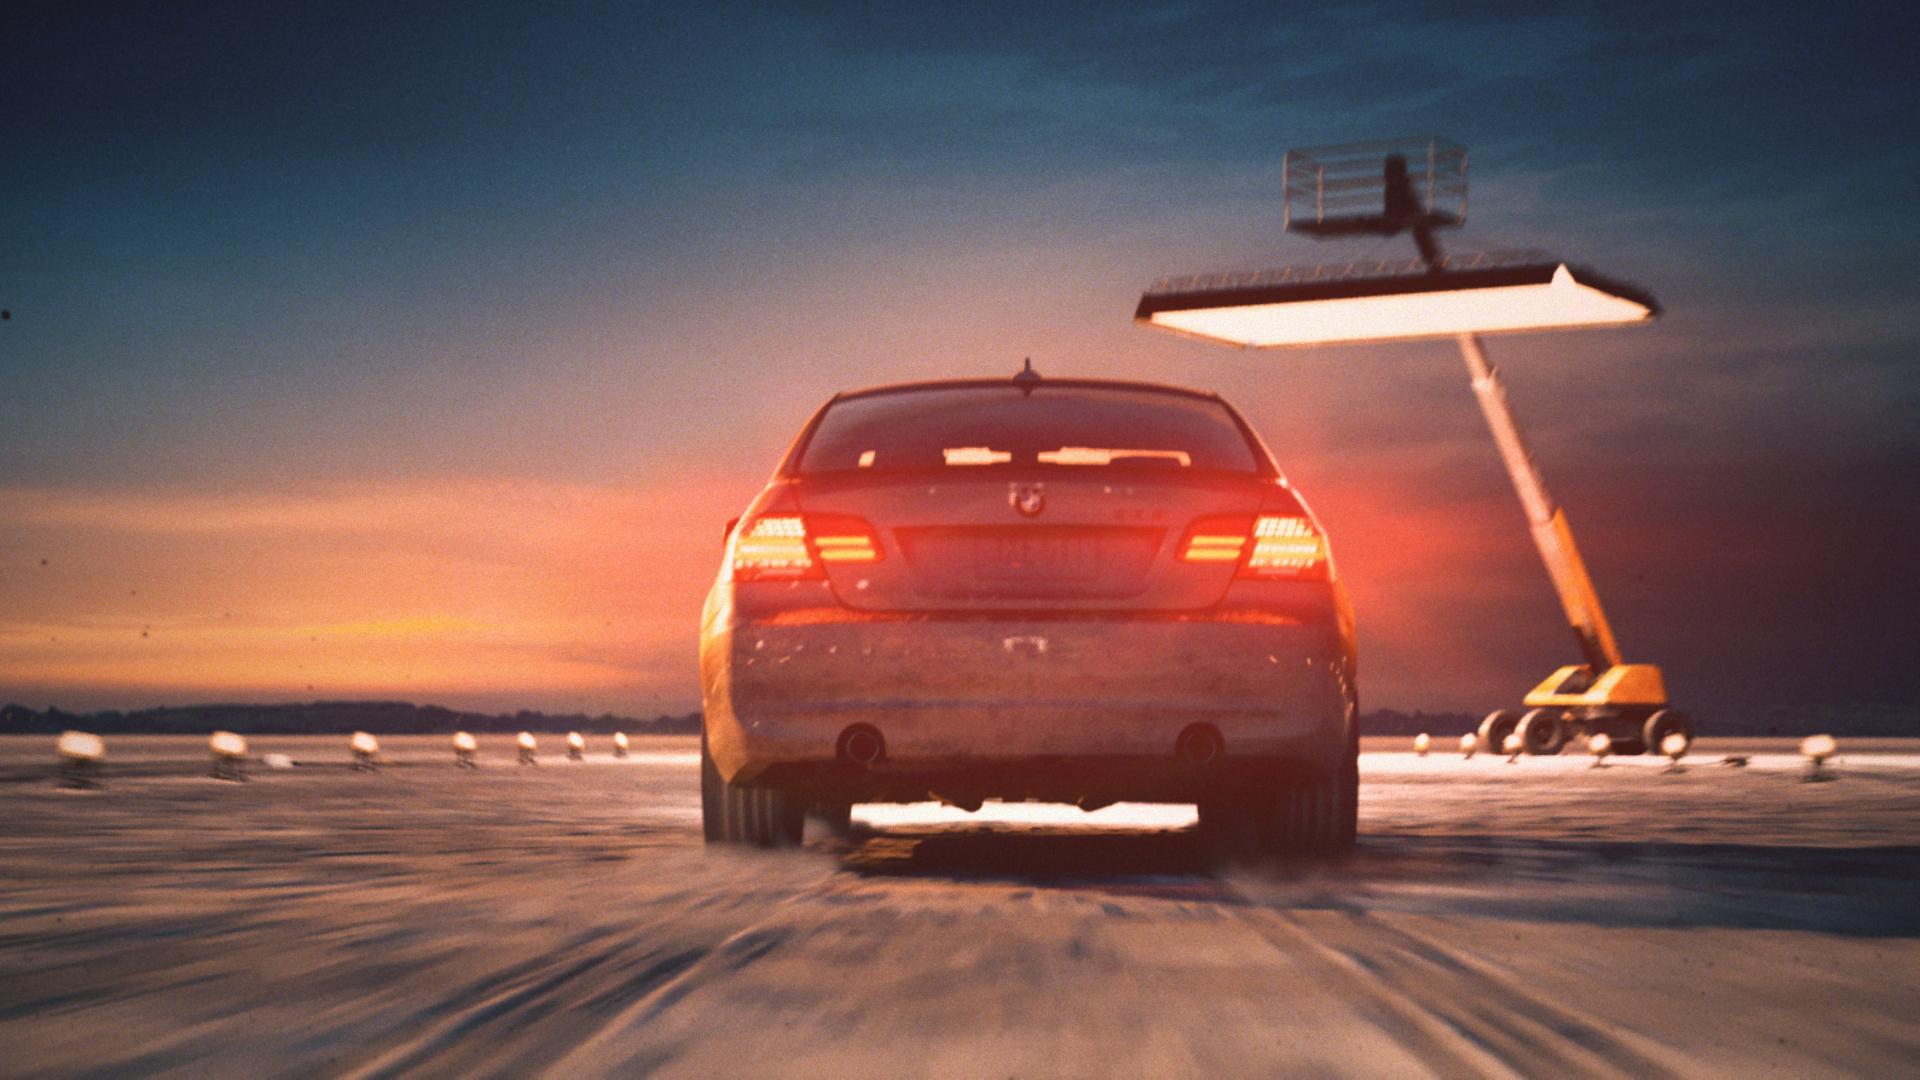 IAMSTATIC, BMW Stunt It still 02